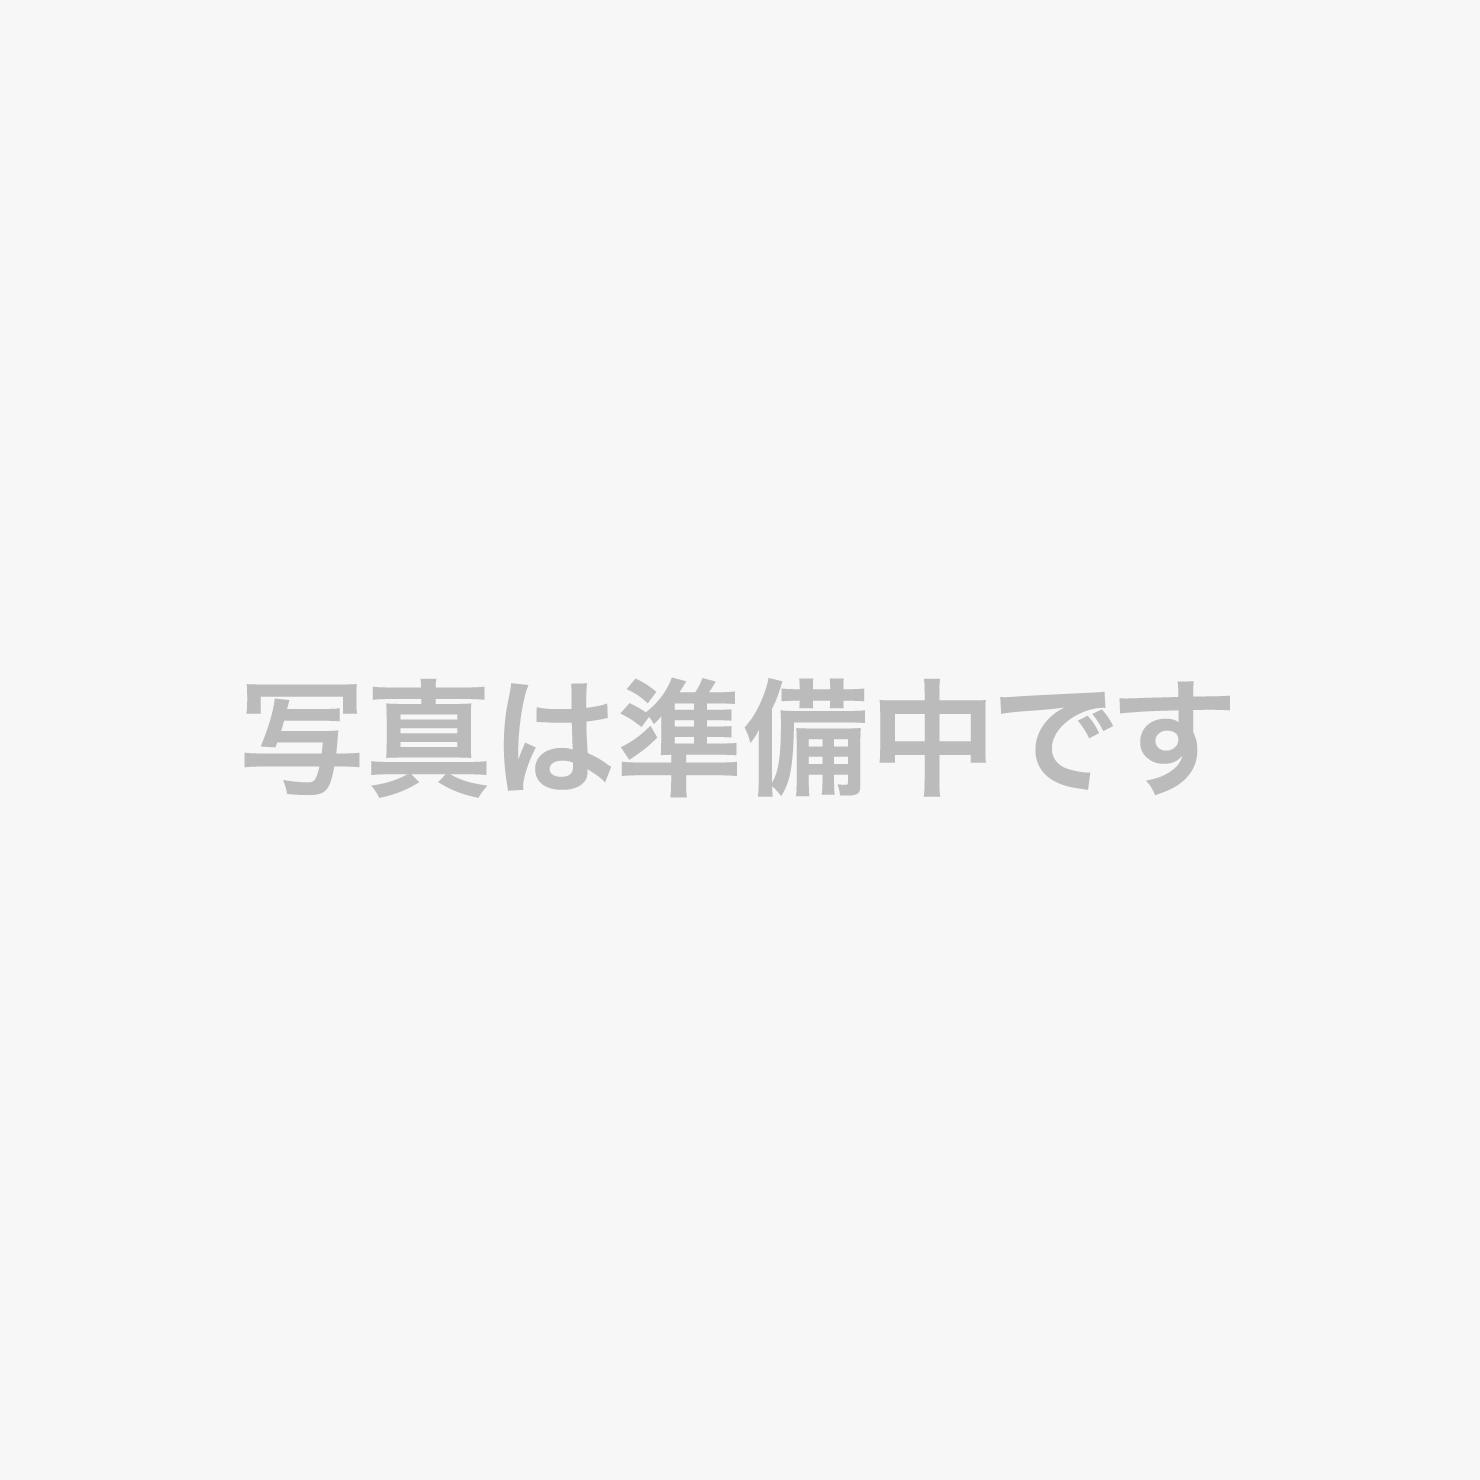 石垣島の生物や植物等の図鑑などがございます